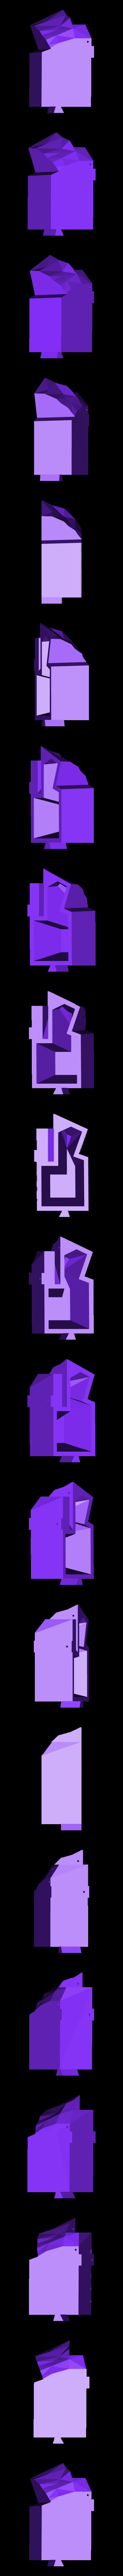 Classes coupler  bedrock .stl Télécharger fichier STL gratuit Hogwarts School of Witchcraft • Plan à imprimer en 3D, Valient